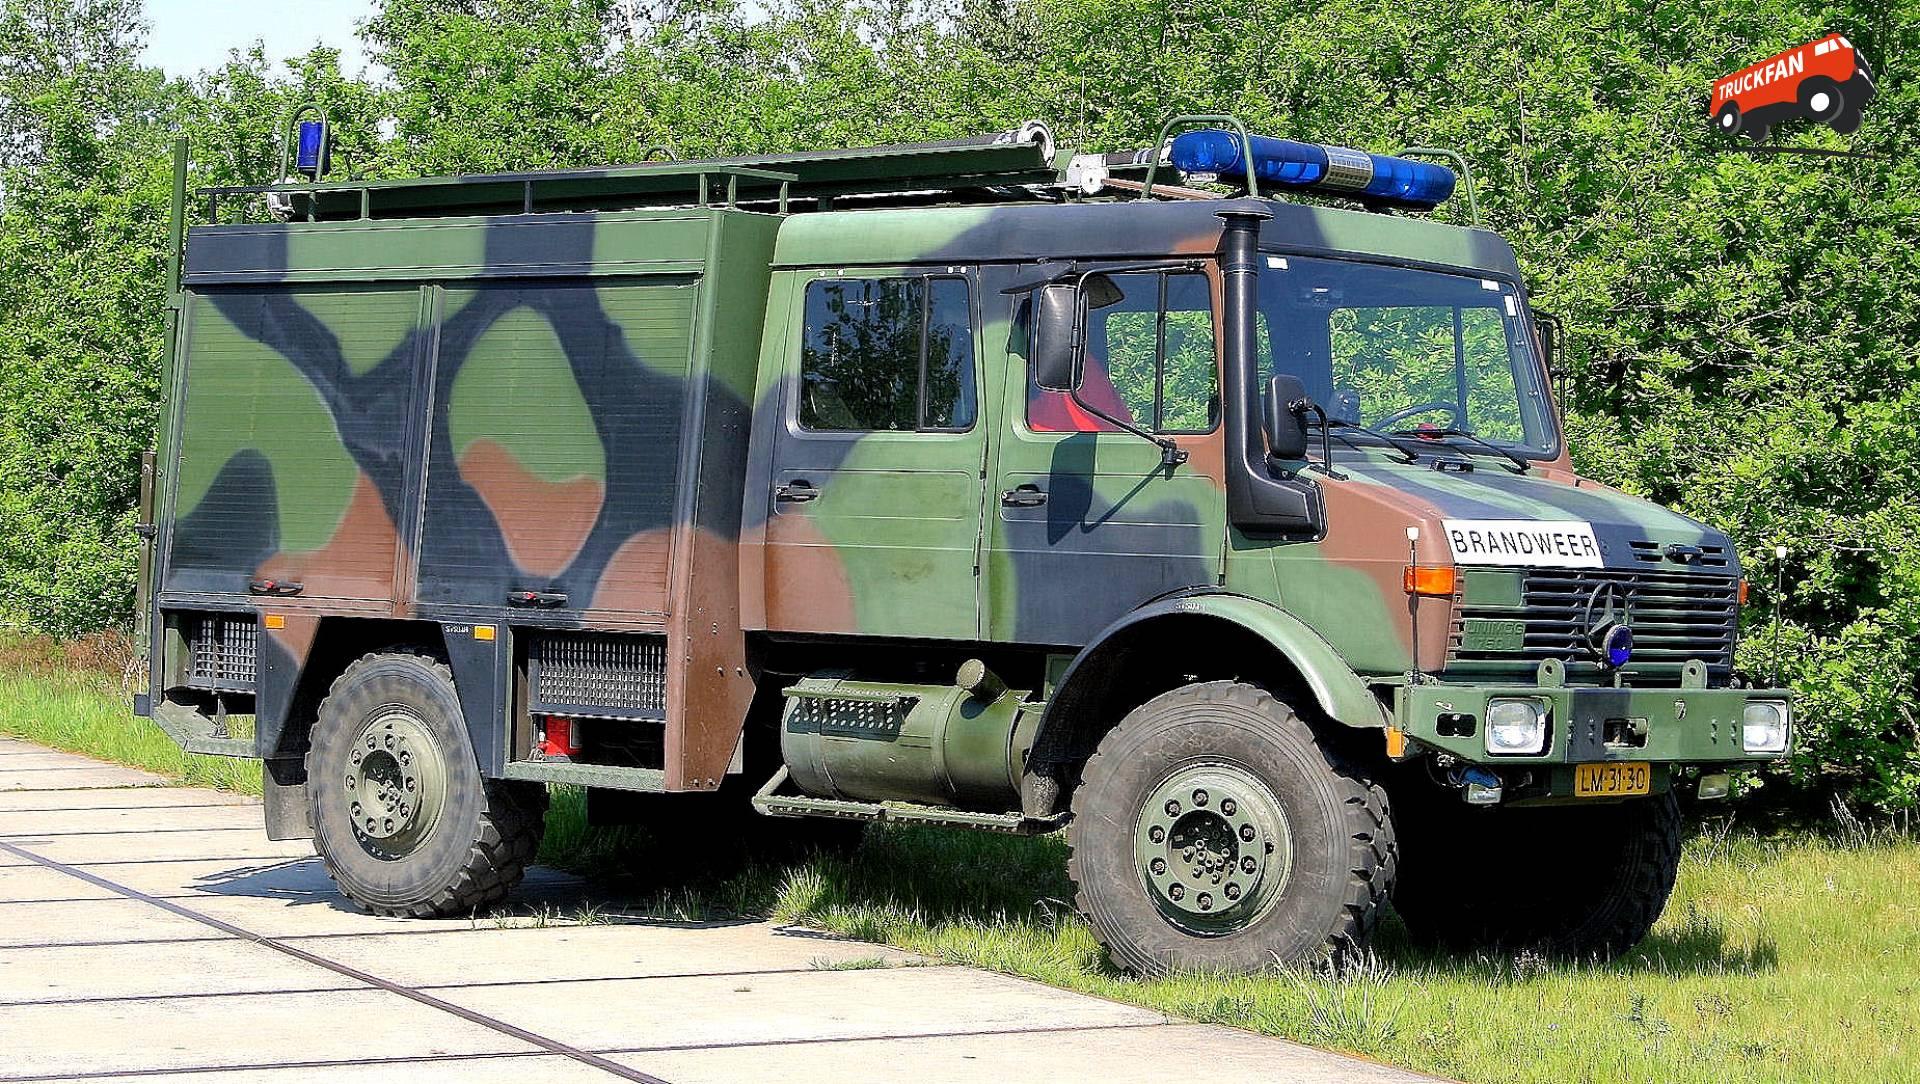 Unimog U1700